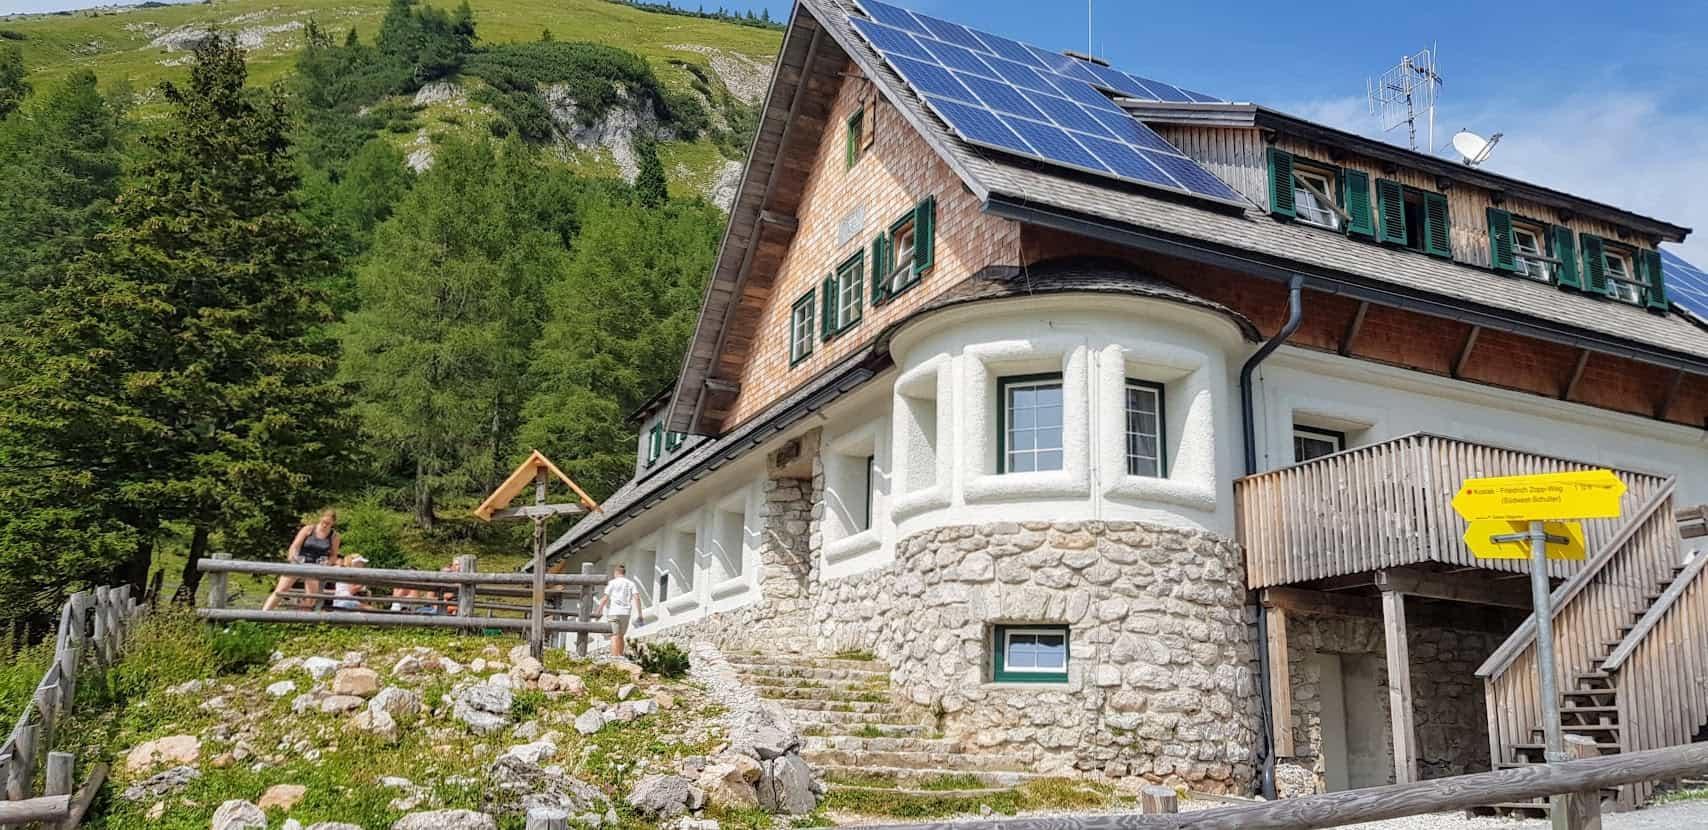 Klagenfurter Hütte in Österreich, Kärnten